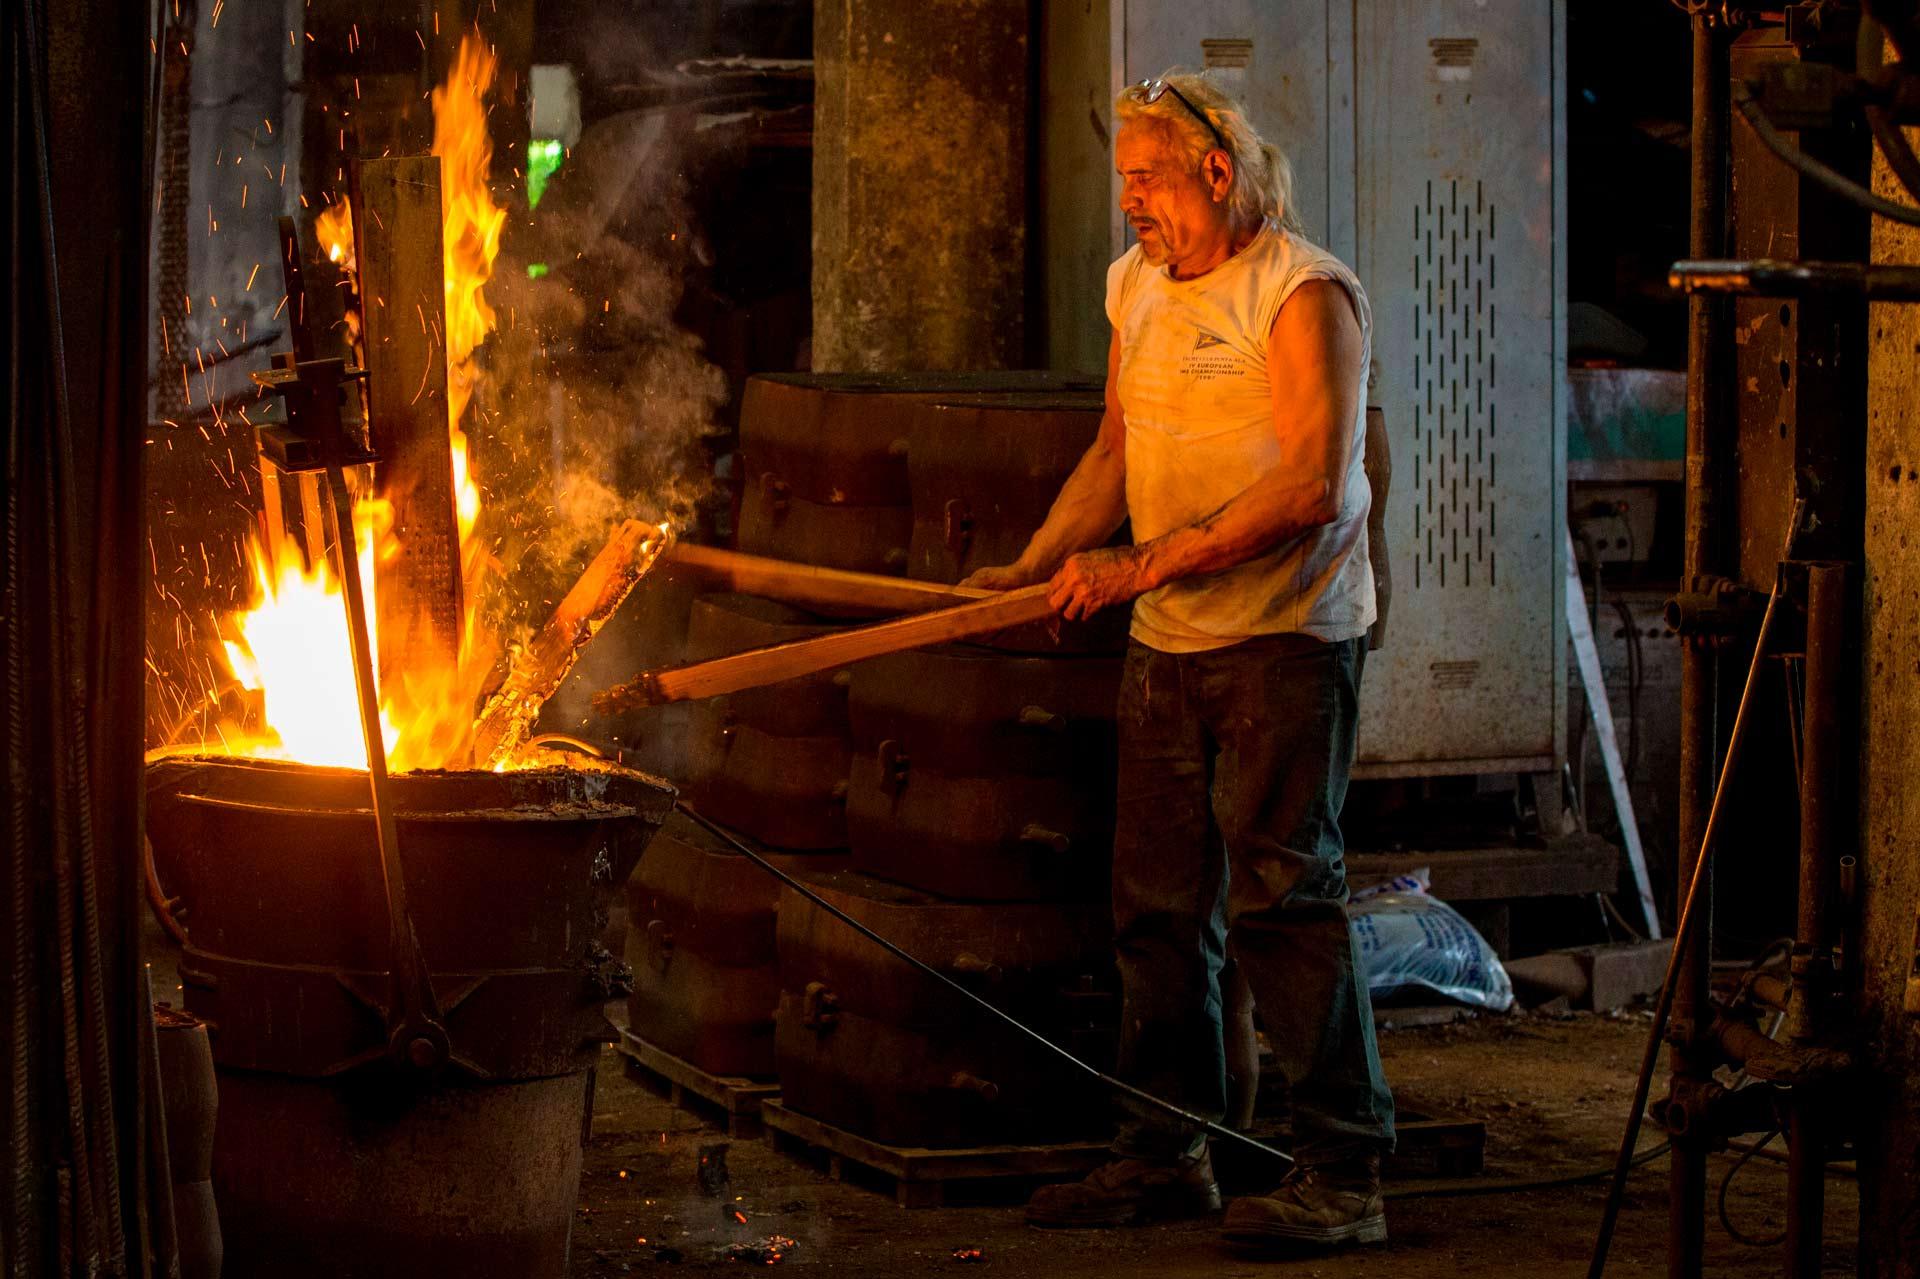 Molto spesso il lavoro in fonderia viene paragonato al lavoro in miniera, in verit? ? dice Omero ? ? vero che in fonderia si lavora in condizioni estreme, ma in piena sicurezza, ma ? anche vero che ? un lavoro che da tante soddisfazioni.